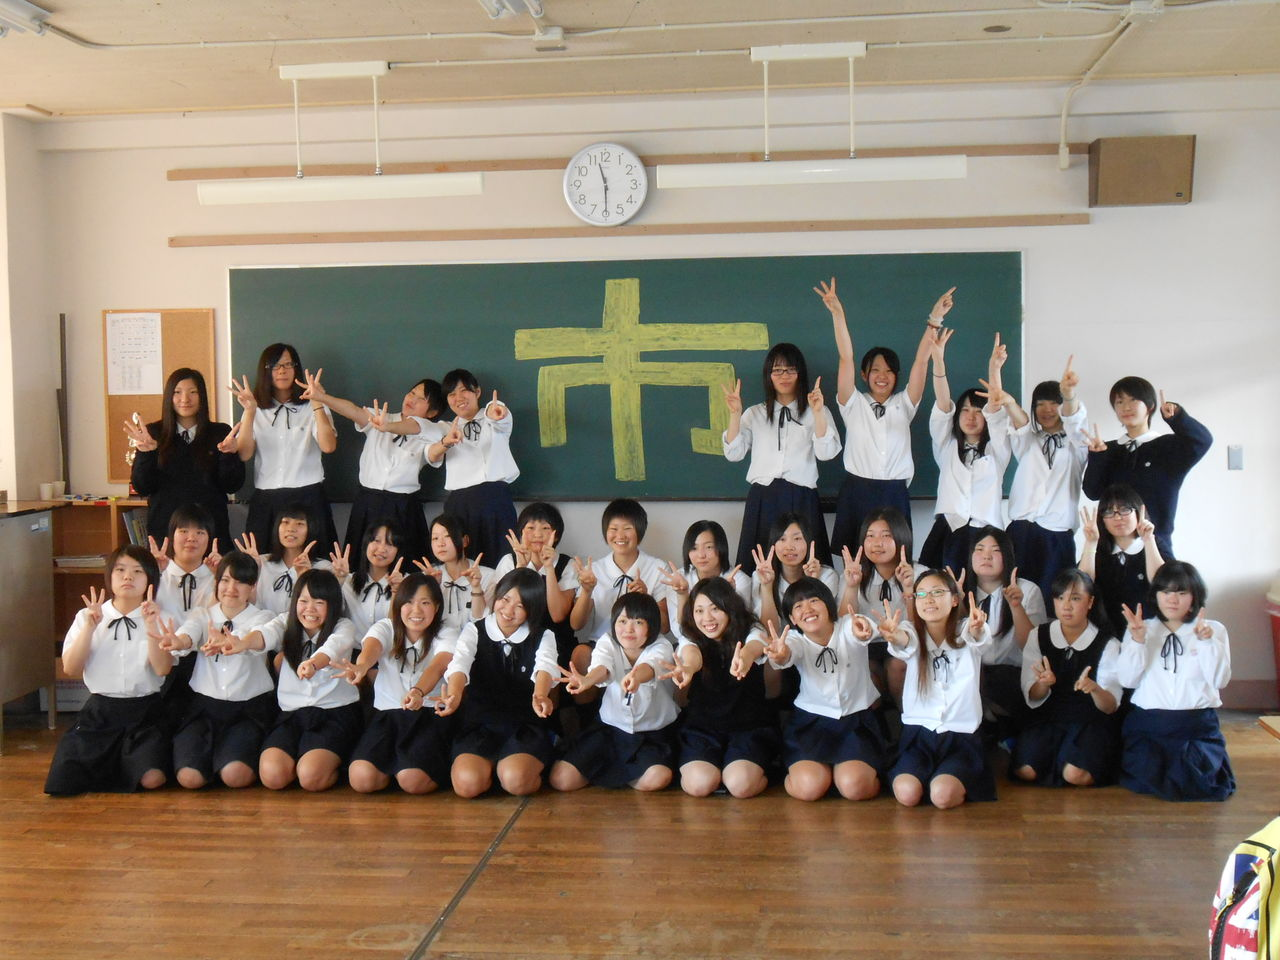 石巻市立女子高等学校臨時HP                ishinomakigh